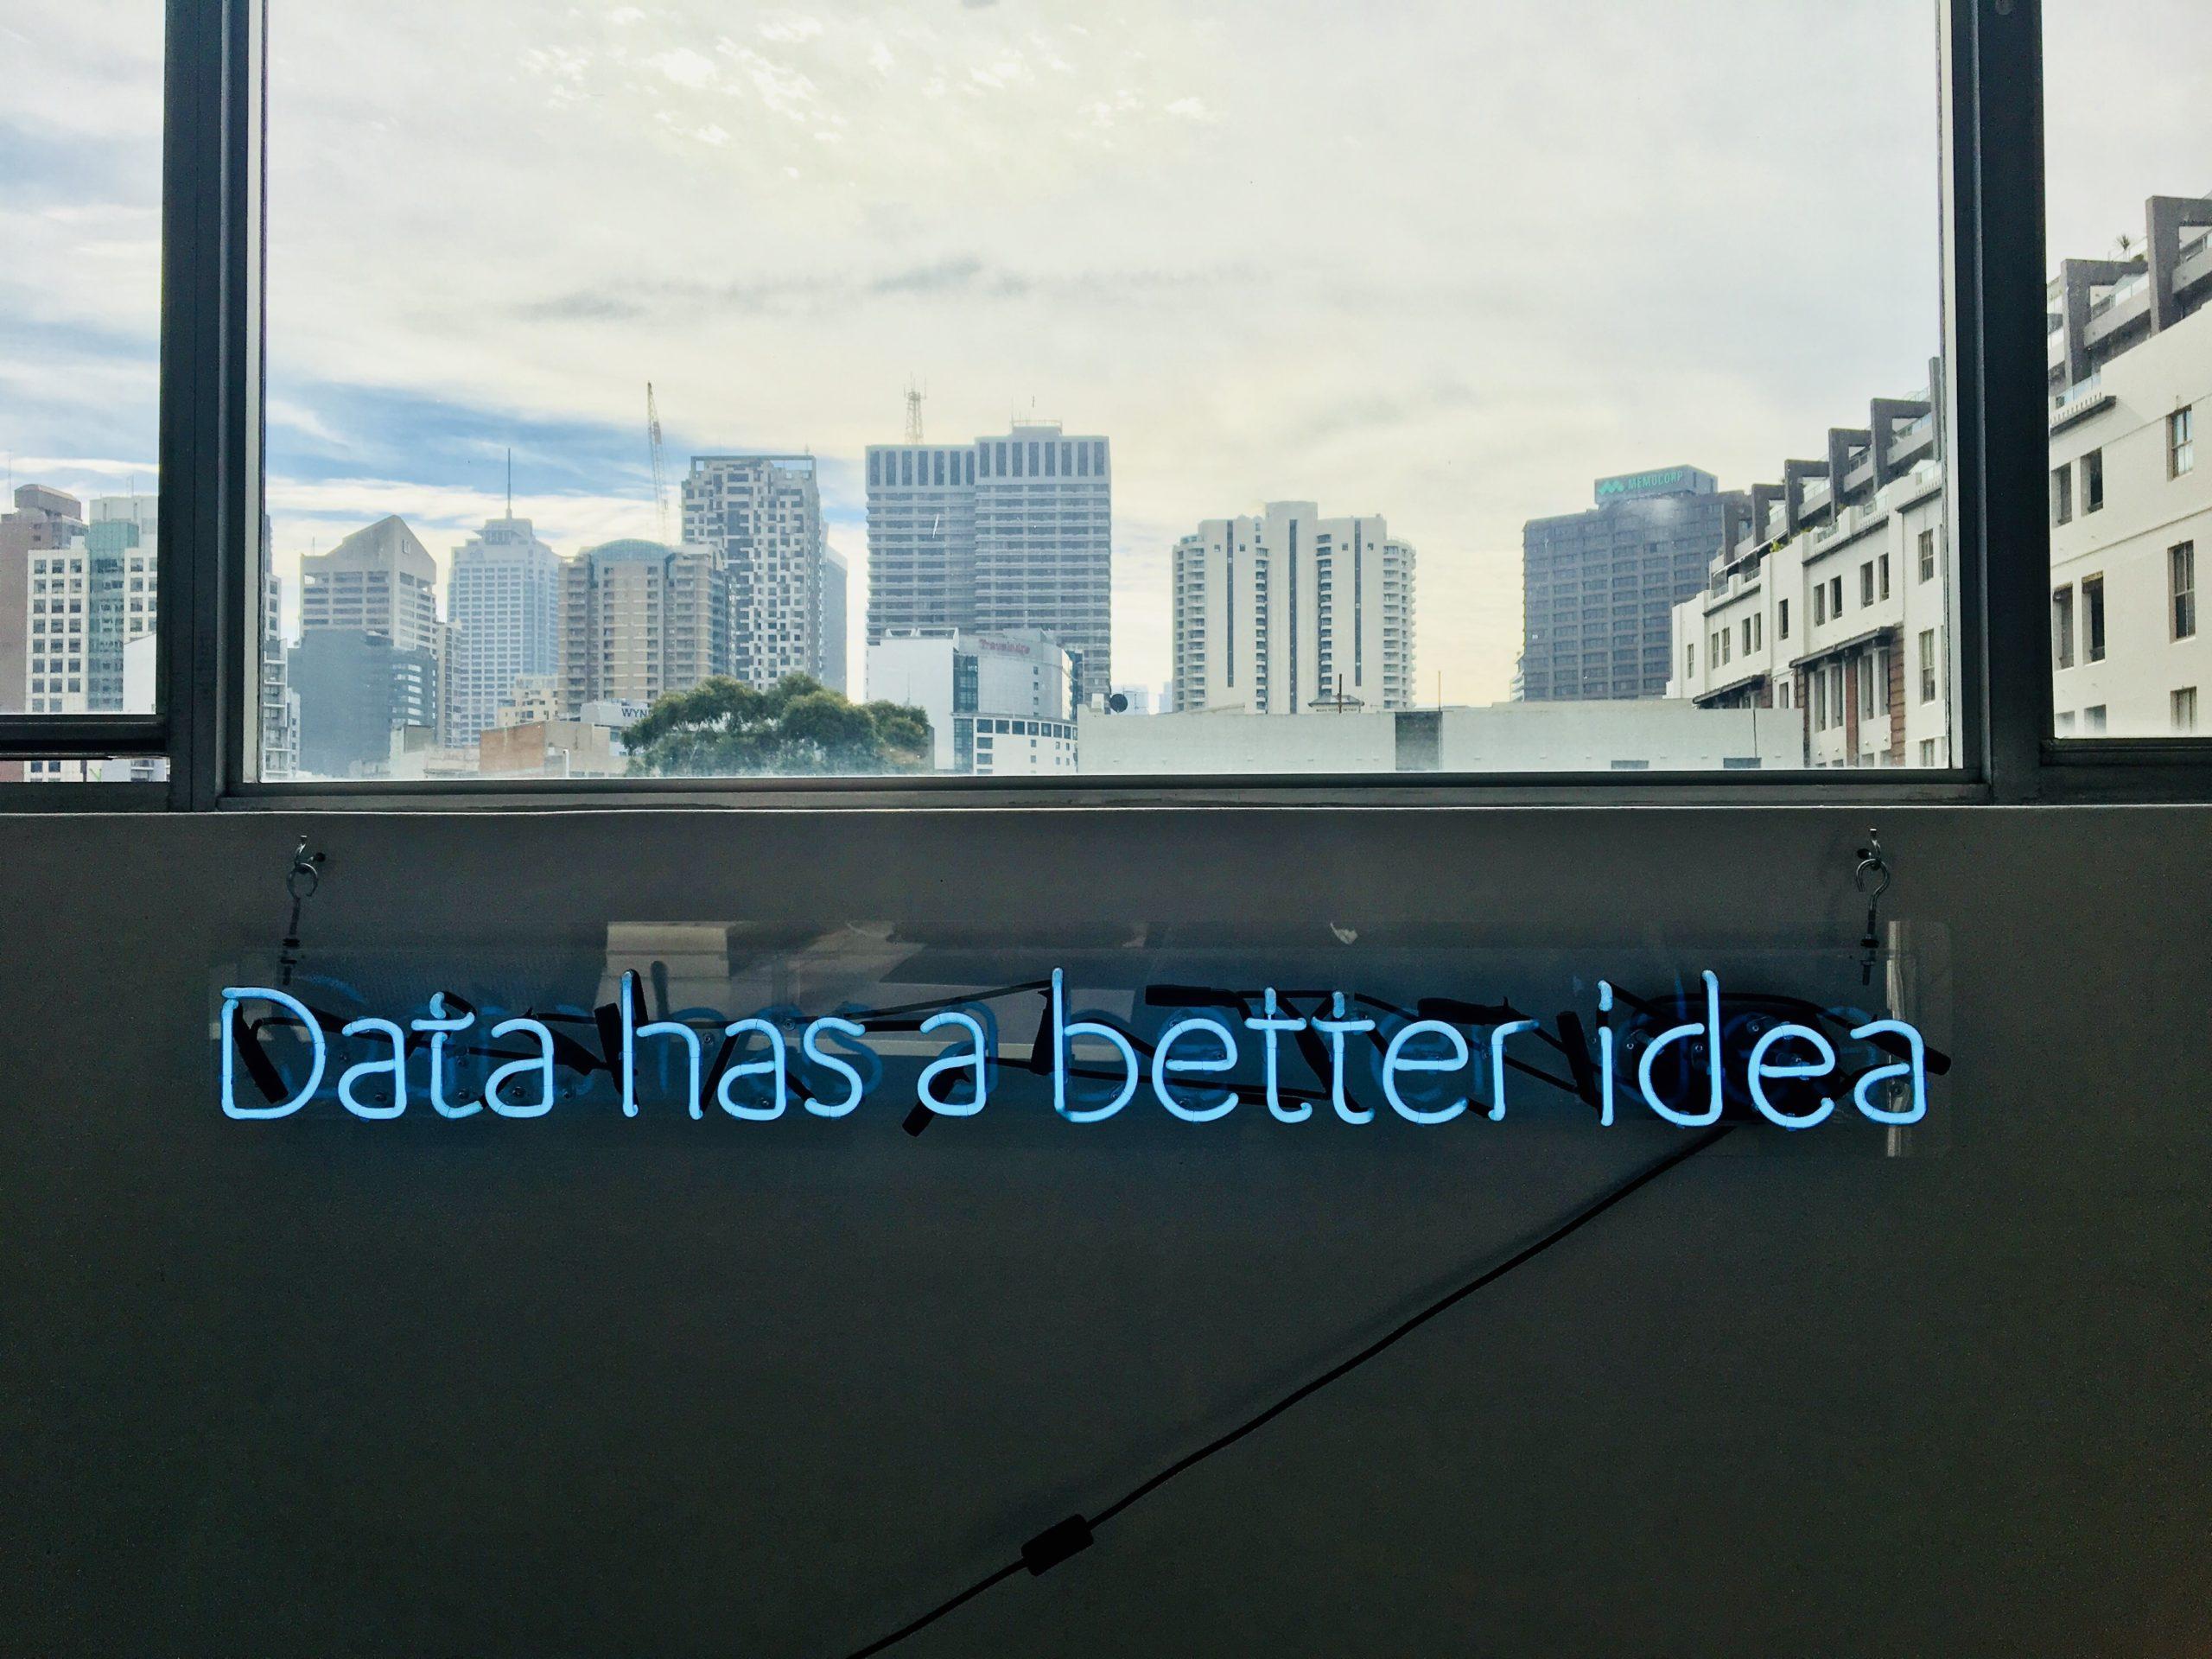 """Neon light reads """"Data has a better idea"""""""